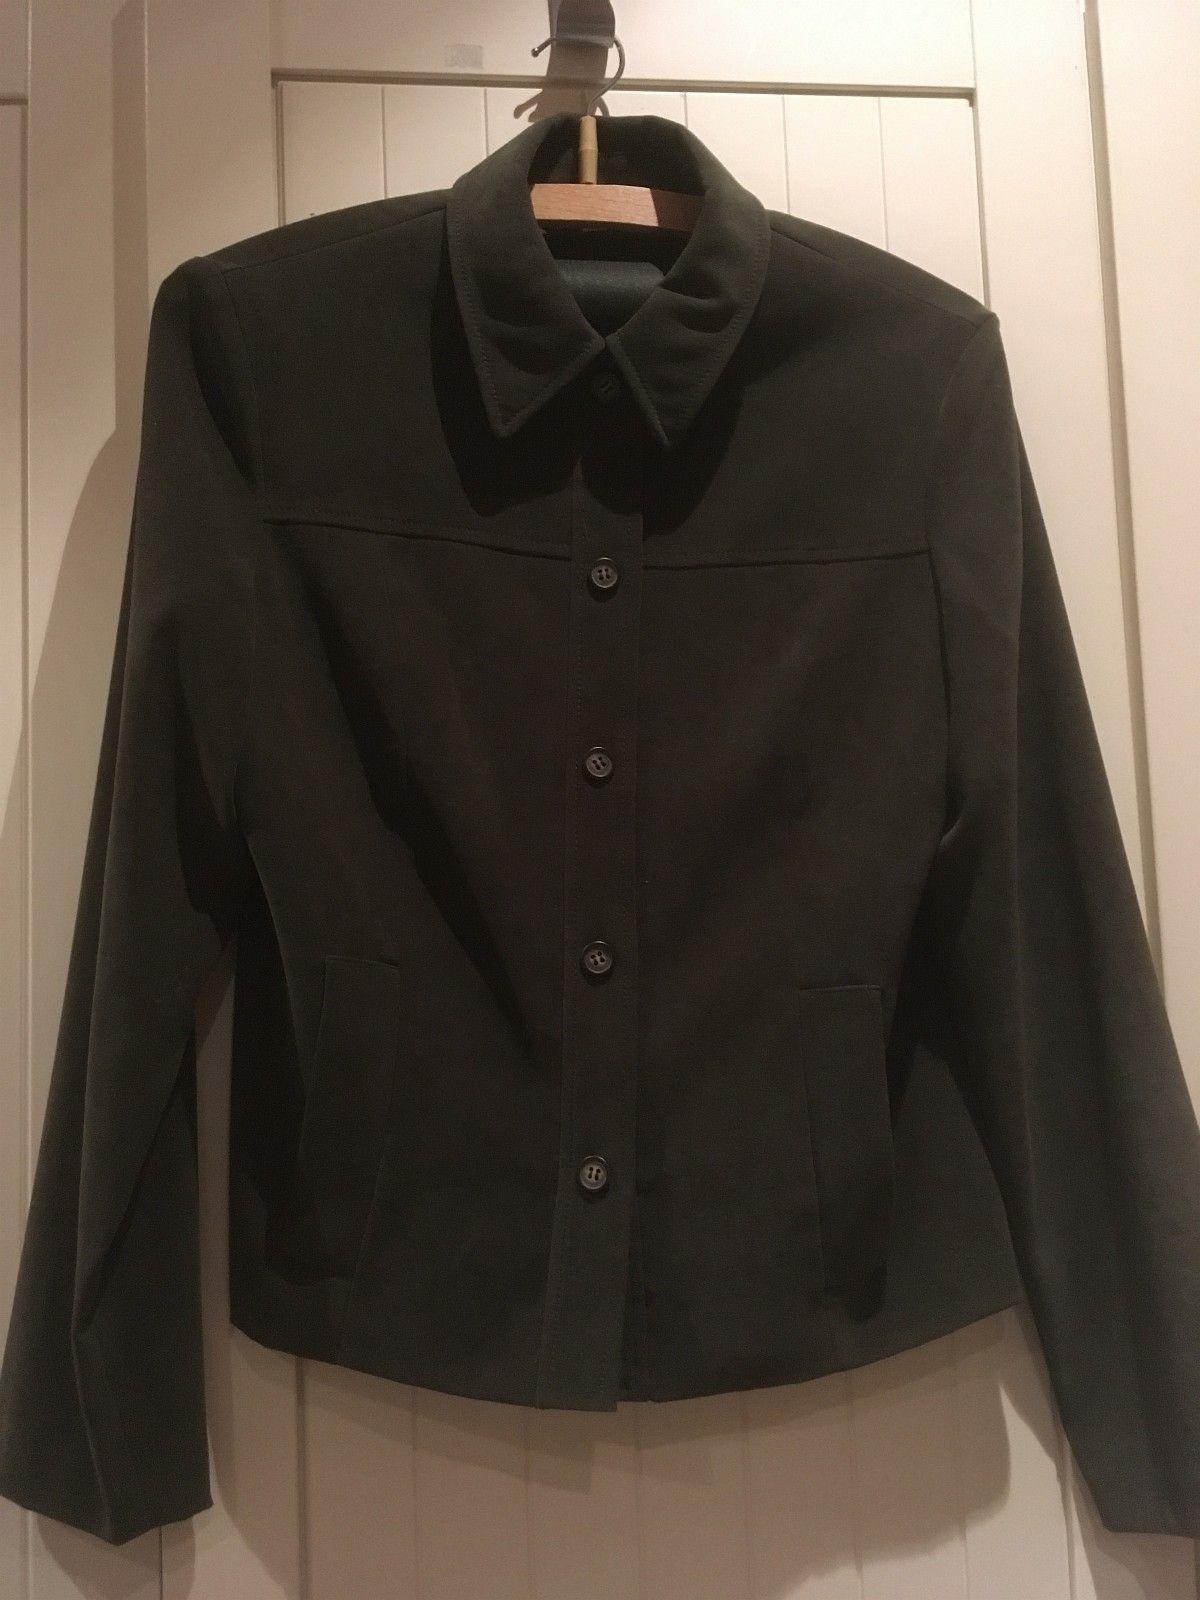 Pen jakker - Dokka  - Pen jakker til salgs. Str S/M ( se detaljer ved bilder ). 100kr per stk. Kan sendes mot porto. - Dokka